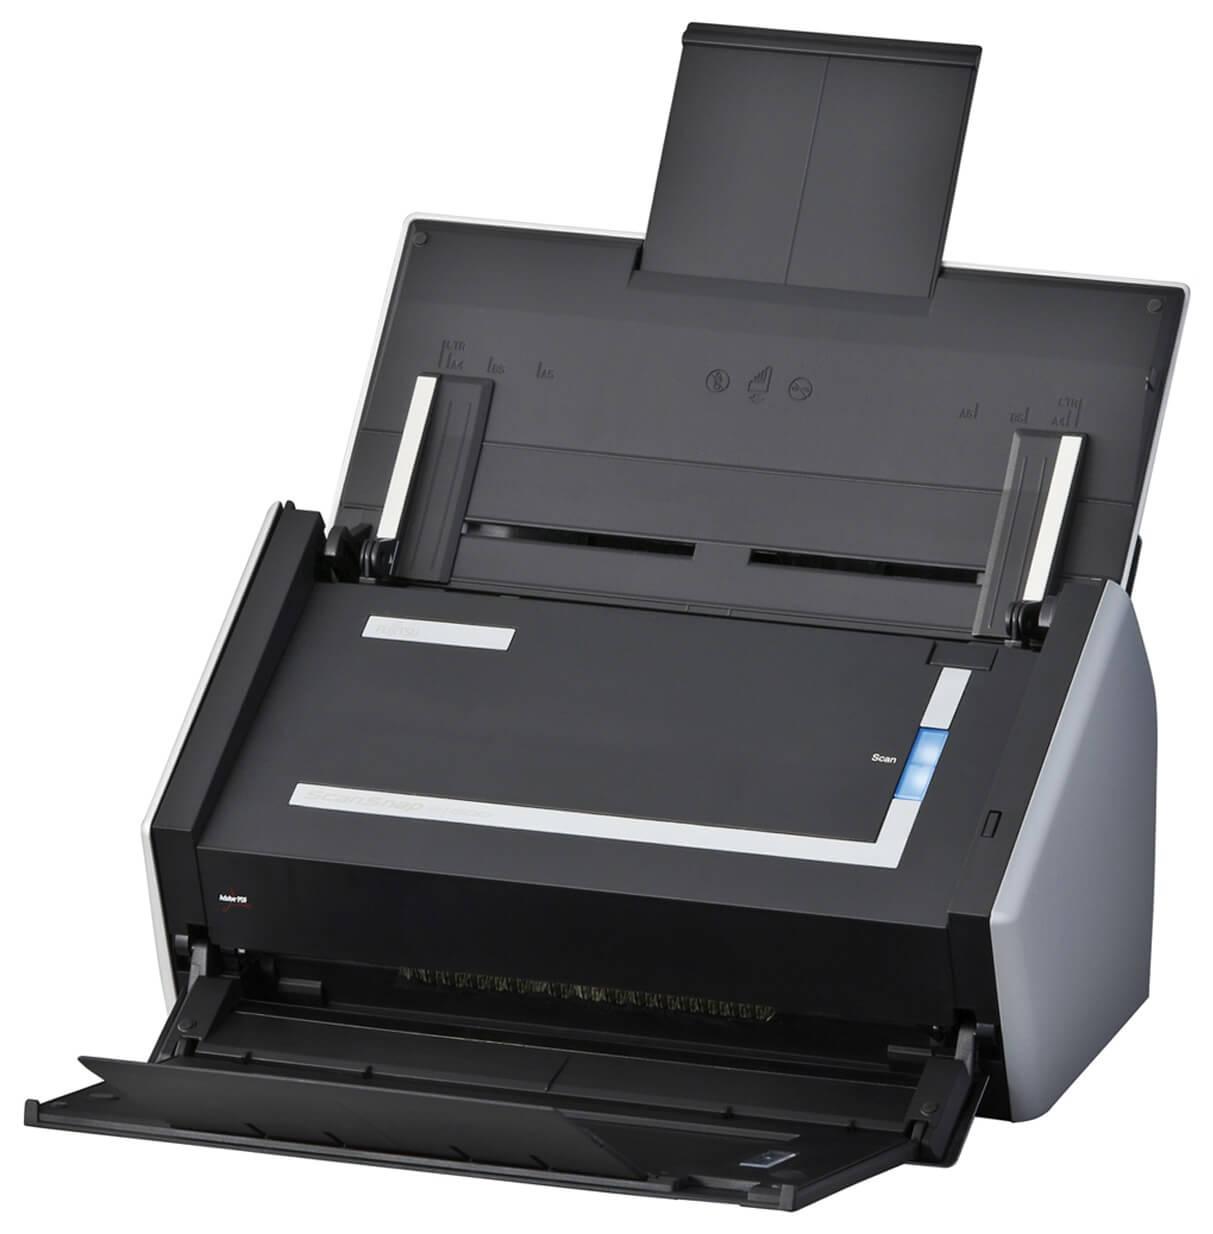 Scanner Fujitsu ScanSnap S1500 Conserto e manutenção